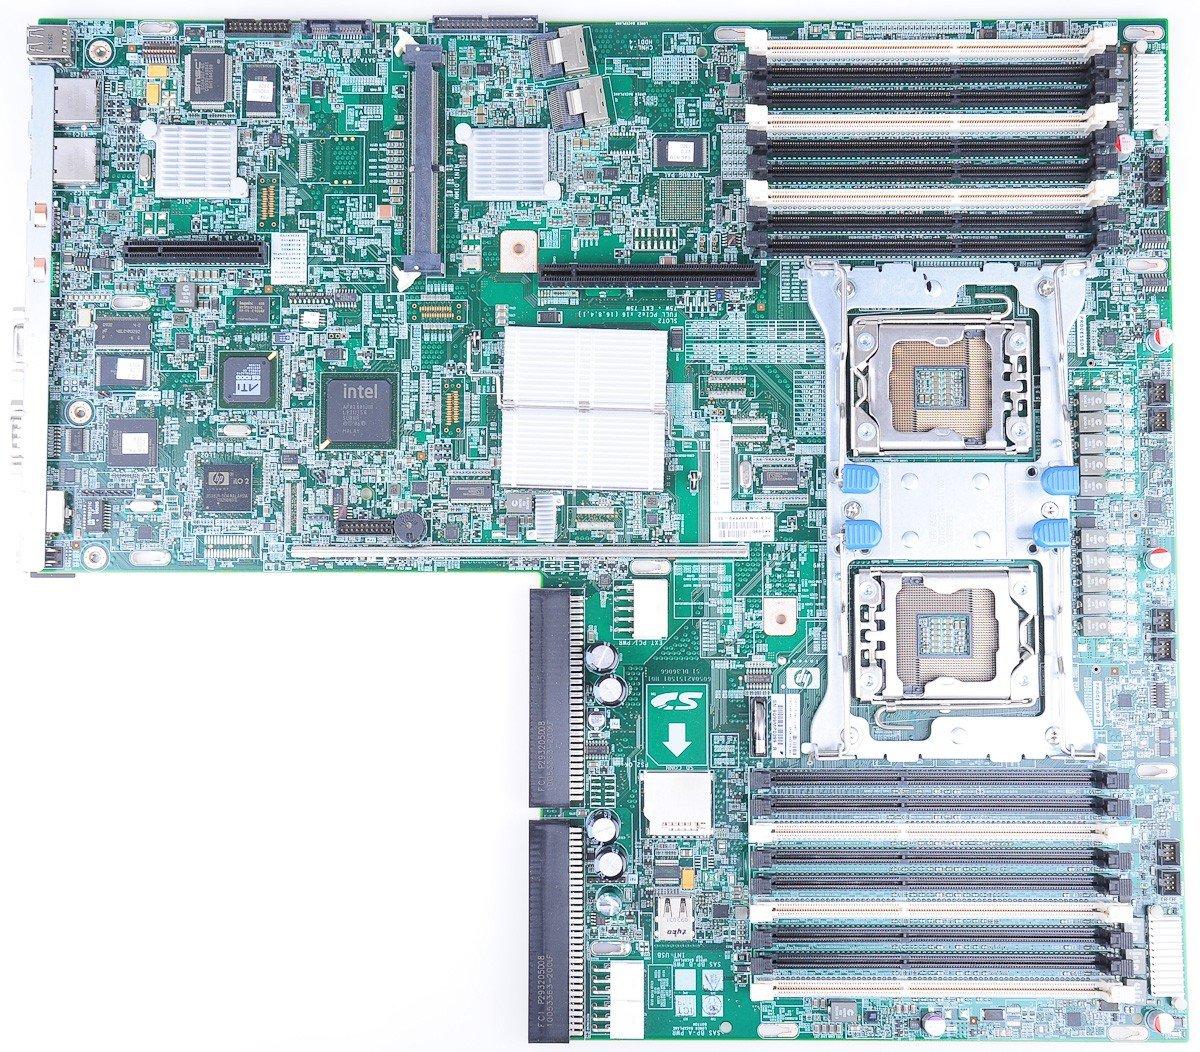 HP Desktop/ProLiant DL360 G6 493799-001 System Board: Amazon